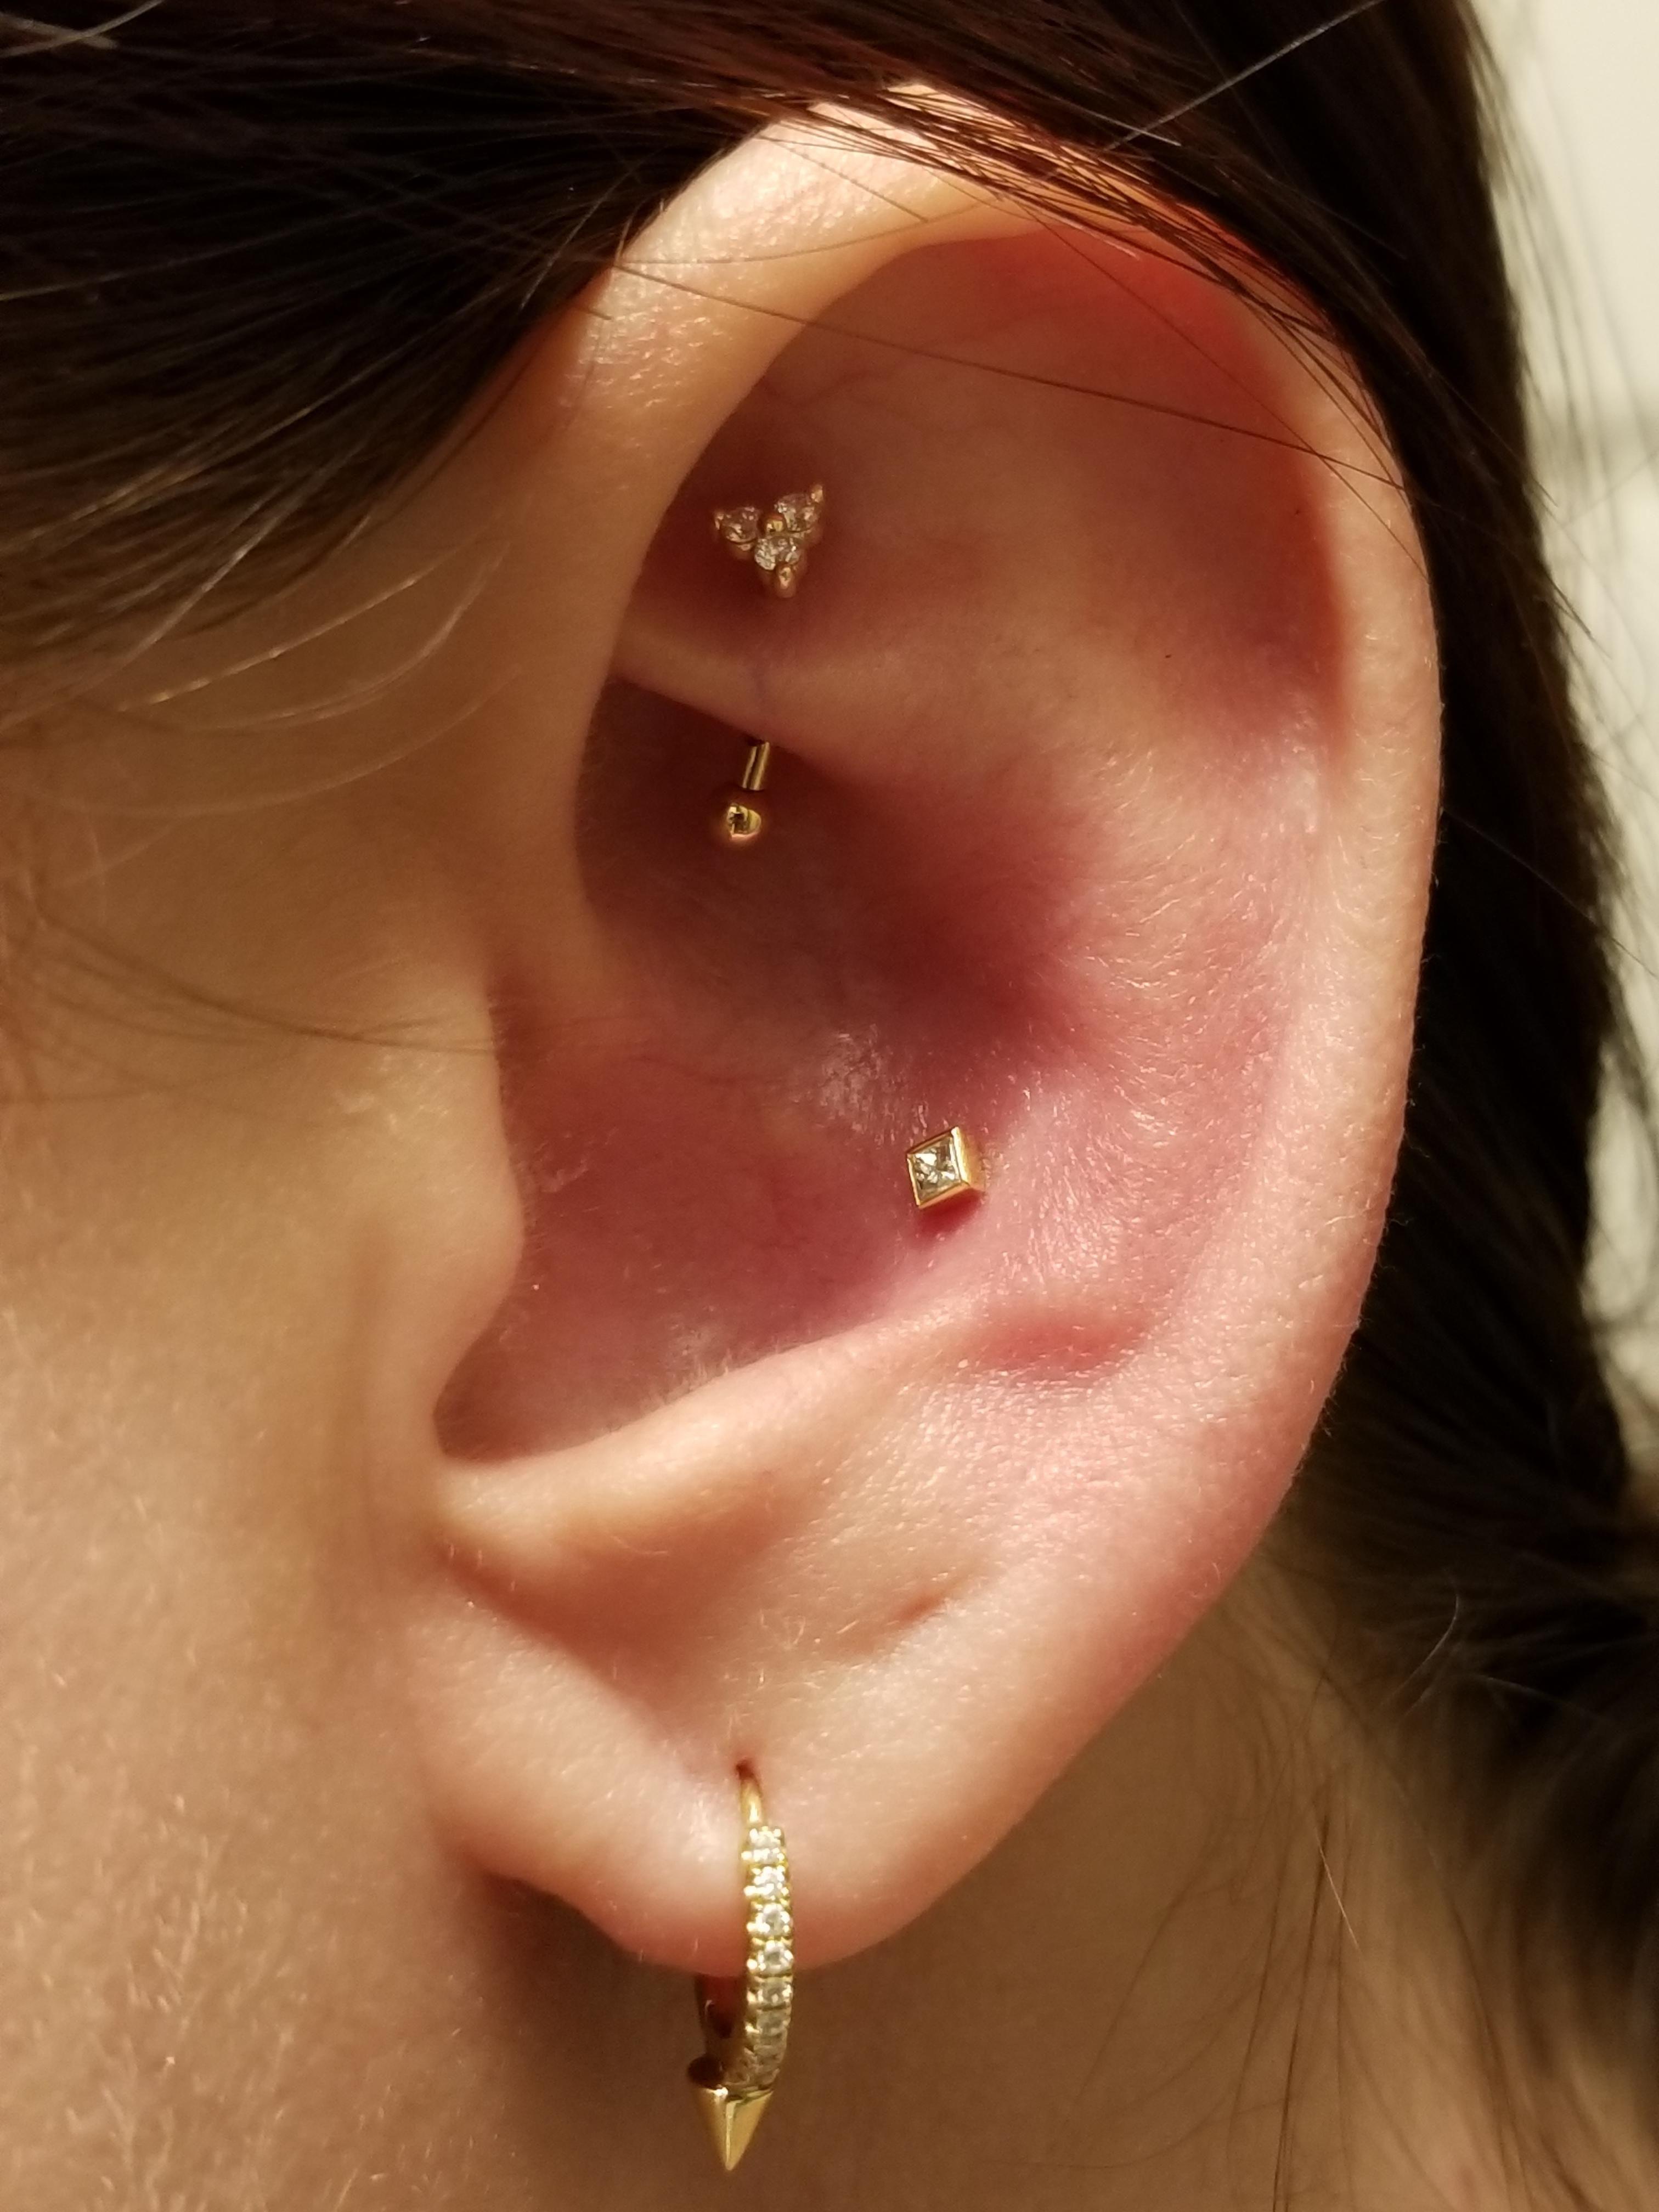 how to clean diamond earrings reddit